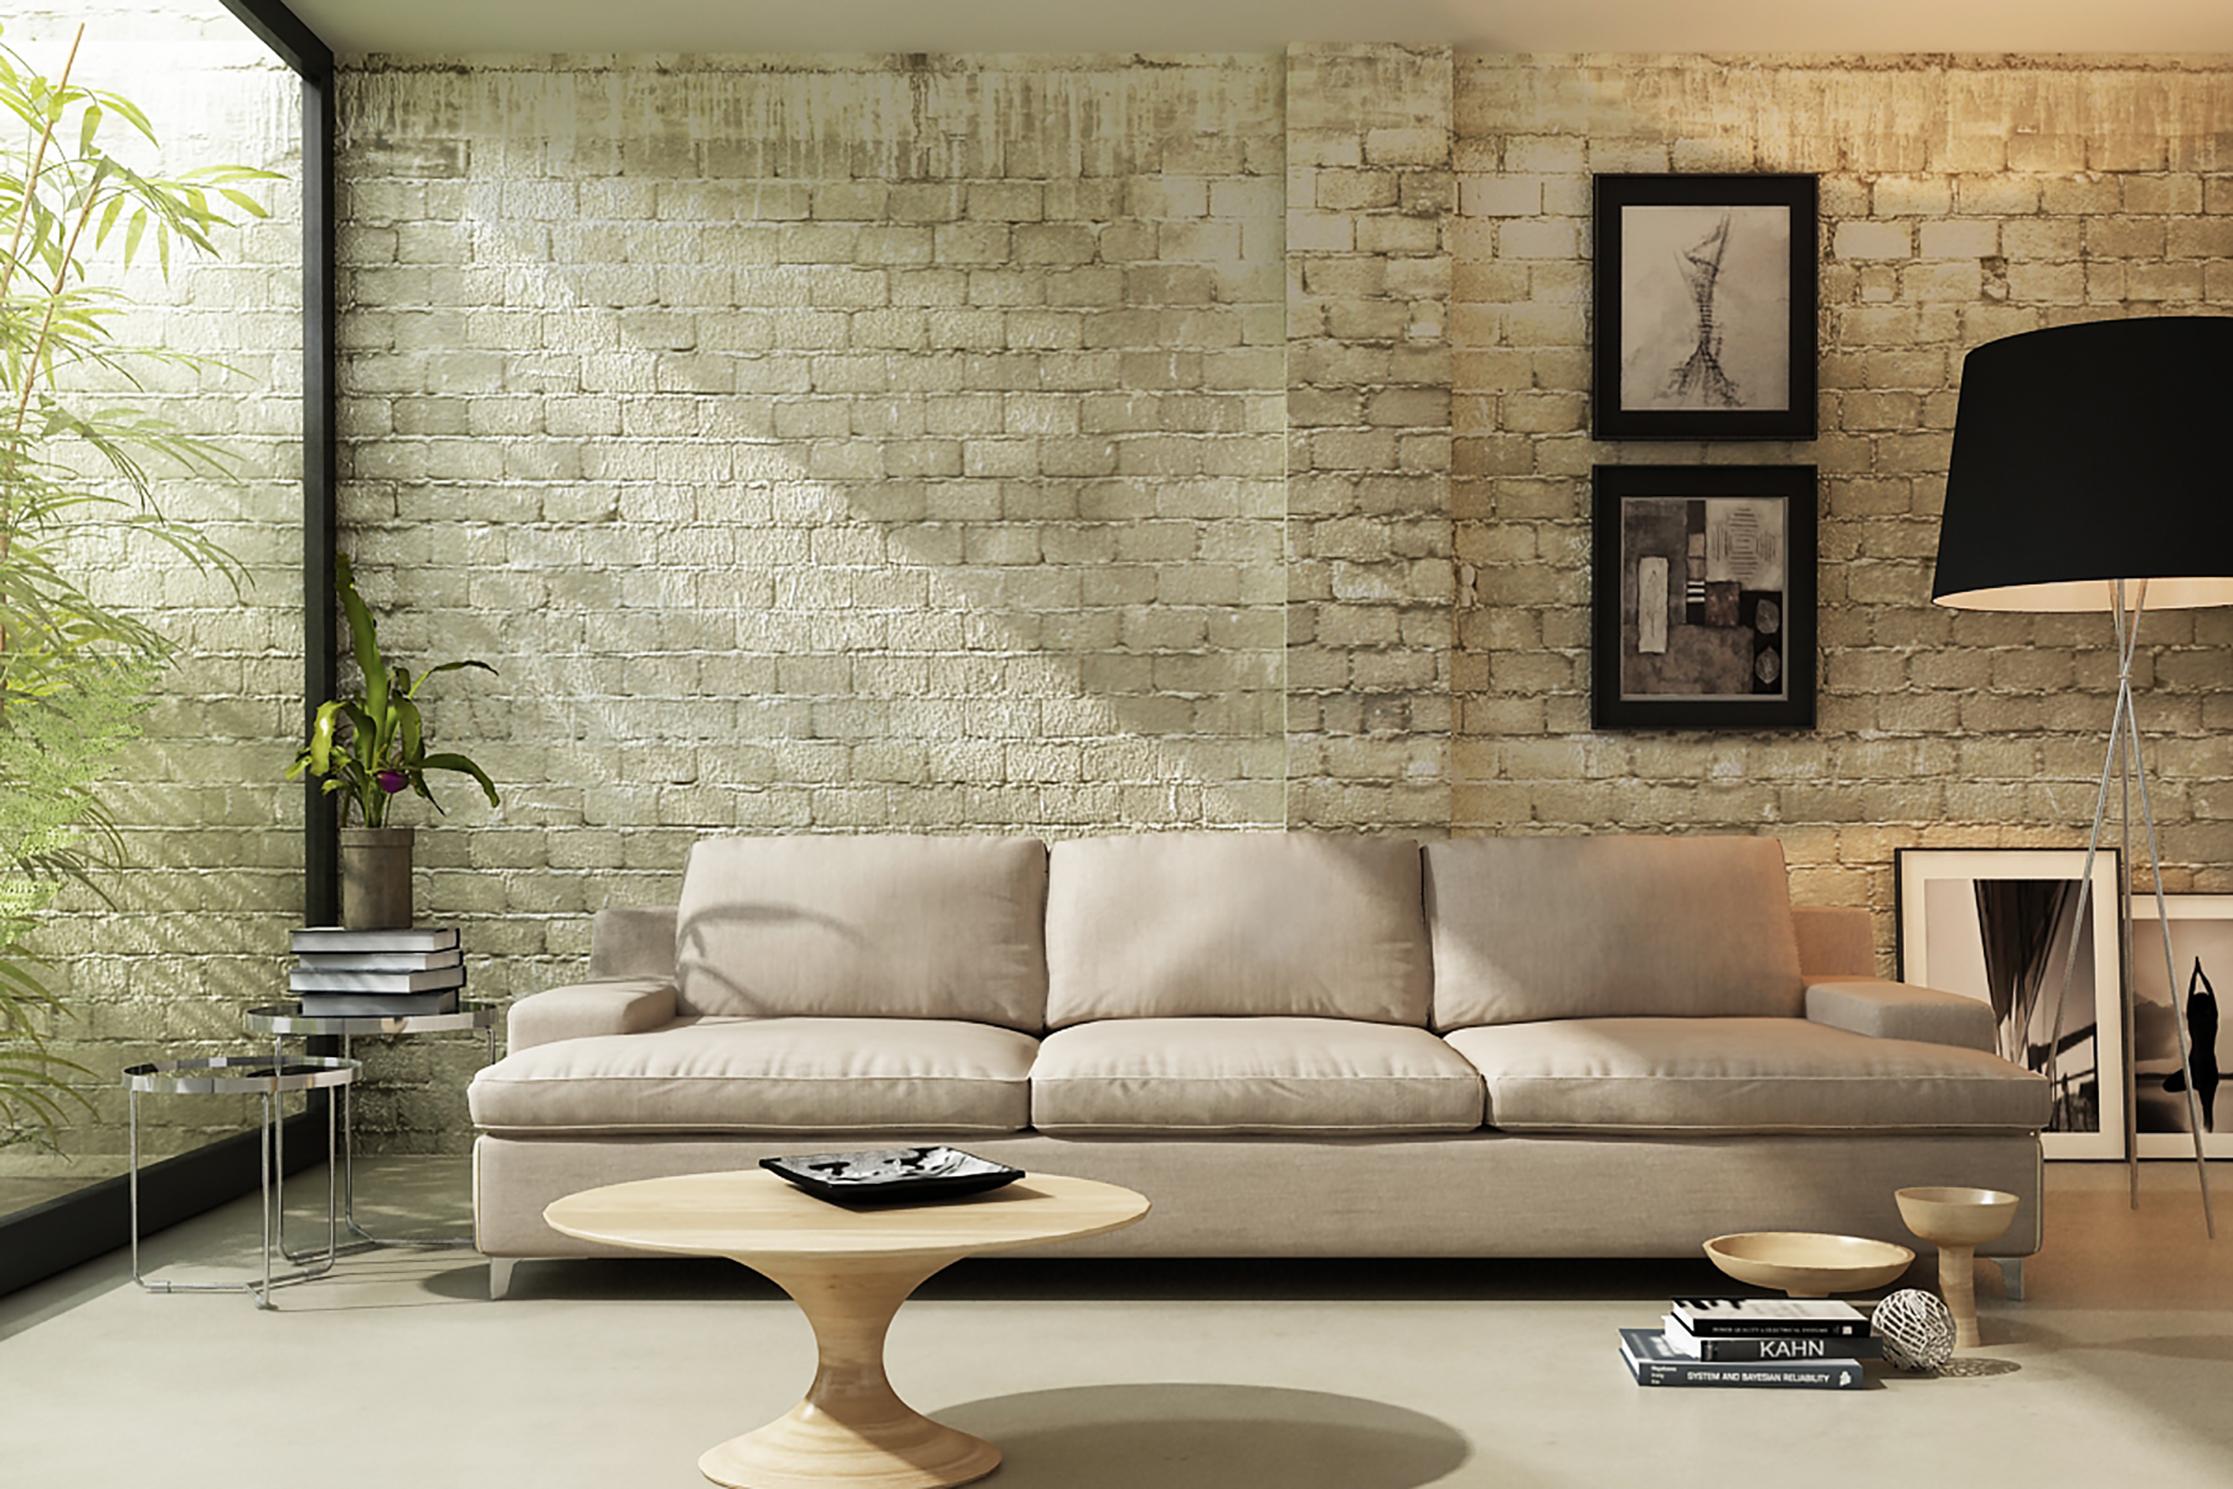 Tendencias en decoración de sofás. Sofá cloud